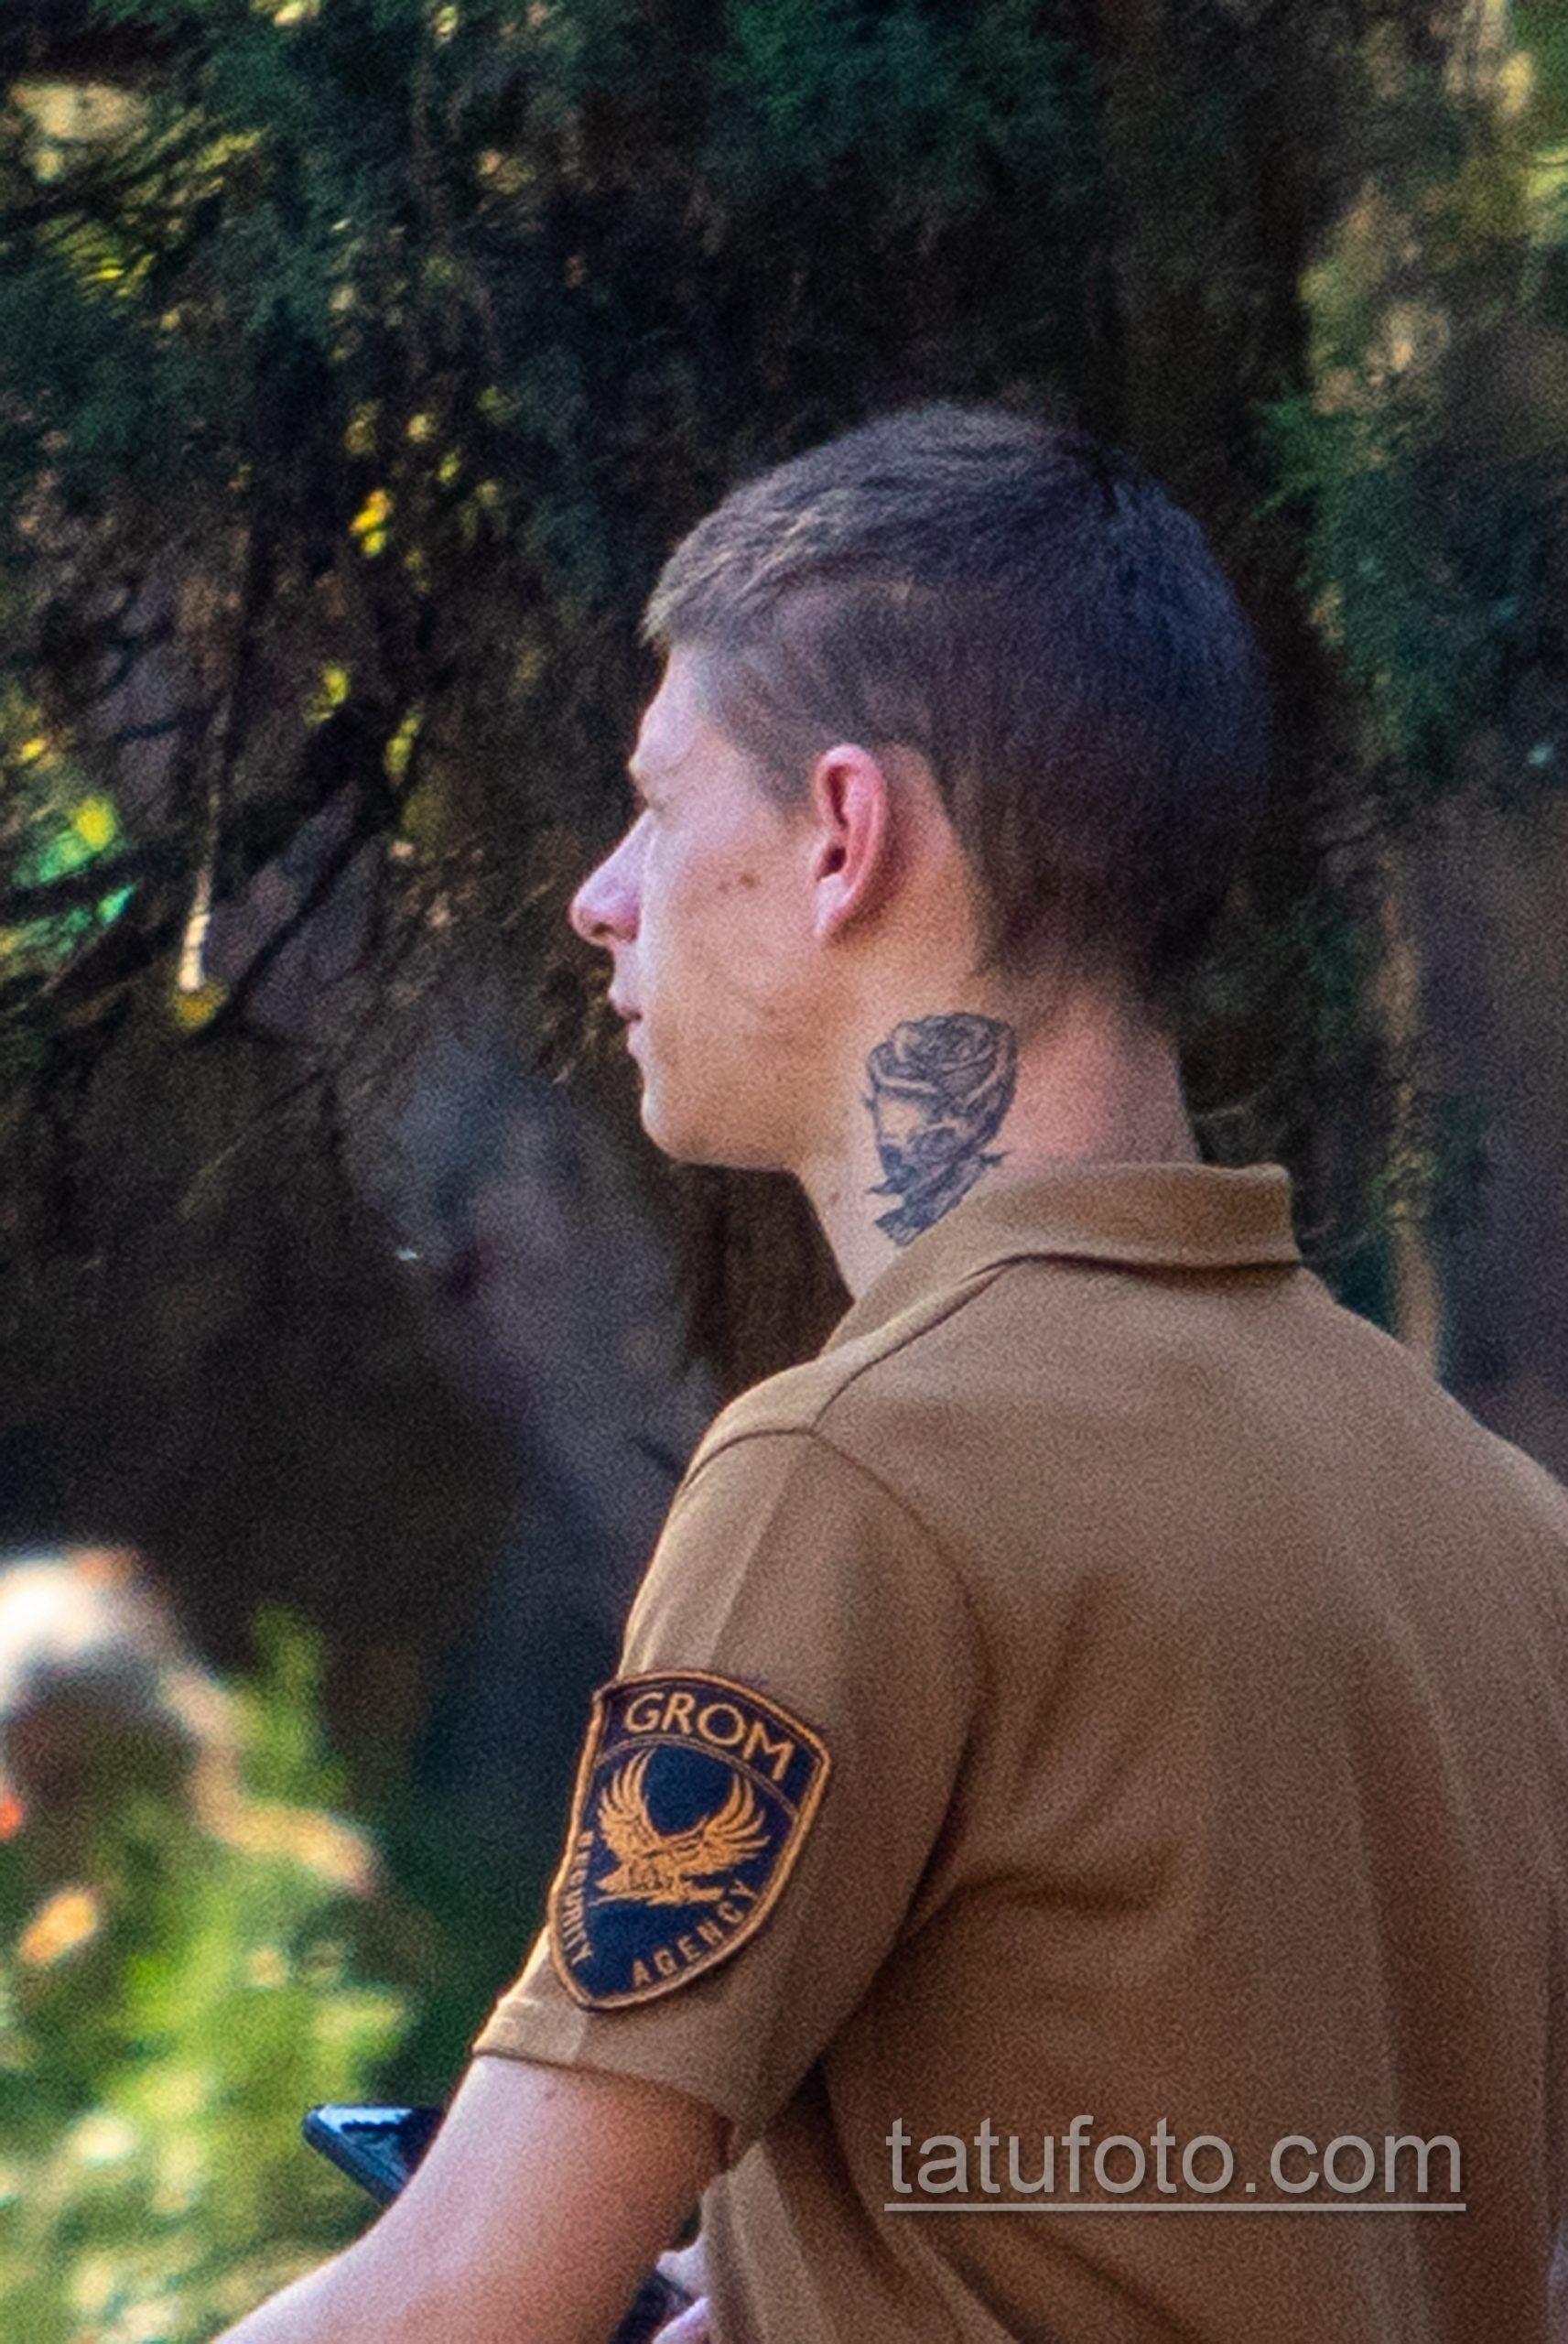 Тату с розой на руке и шее охранника в парке – Уличная татуировка 14.09.2020 – tatufoto.com 13